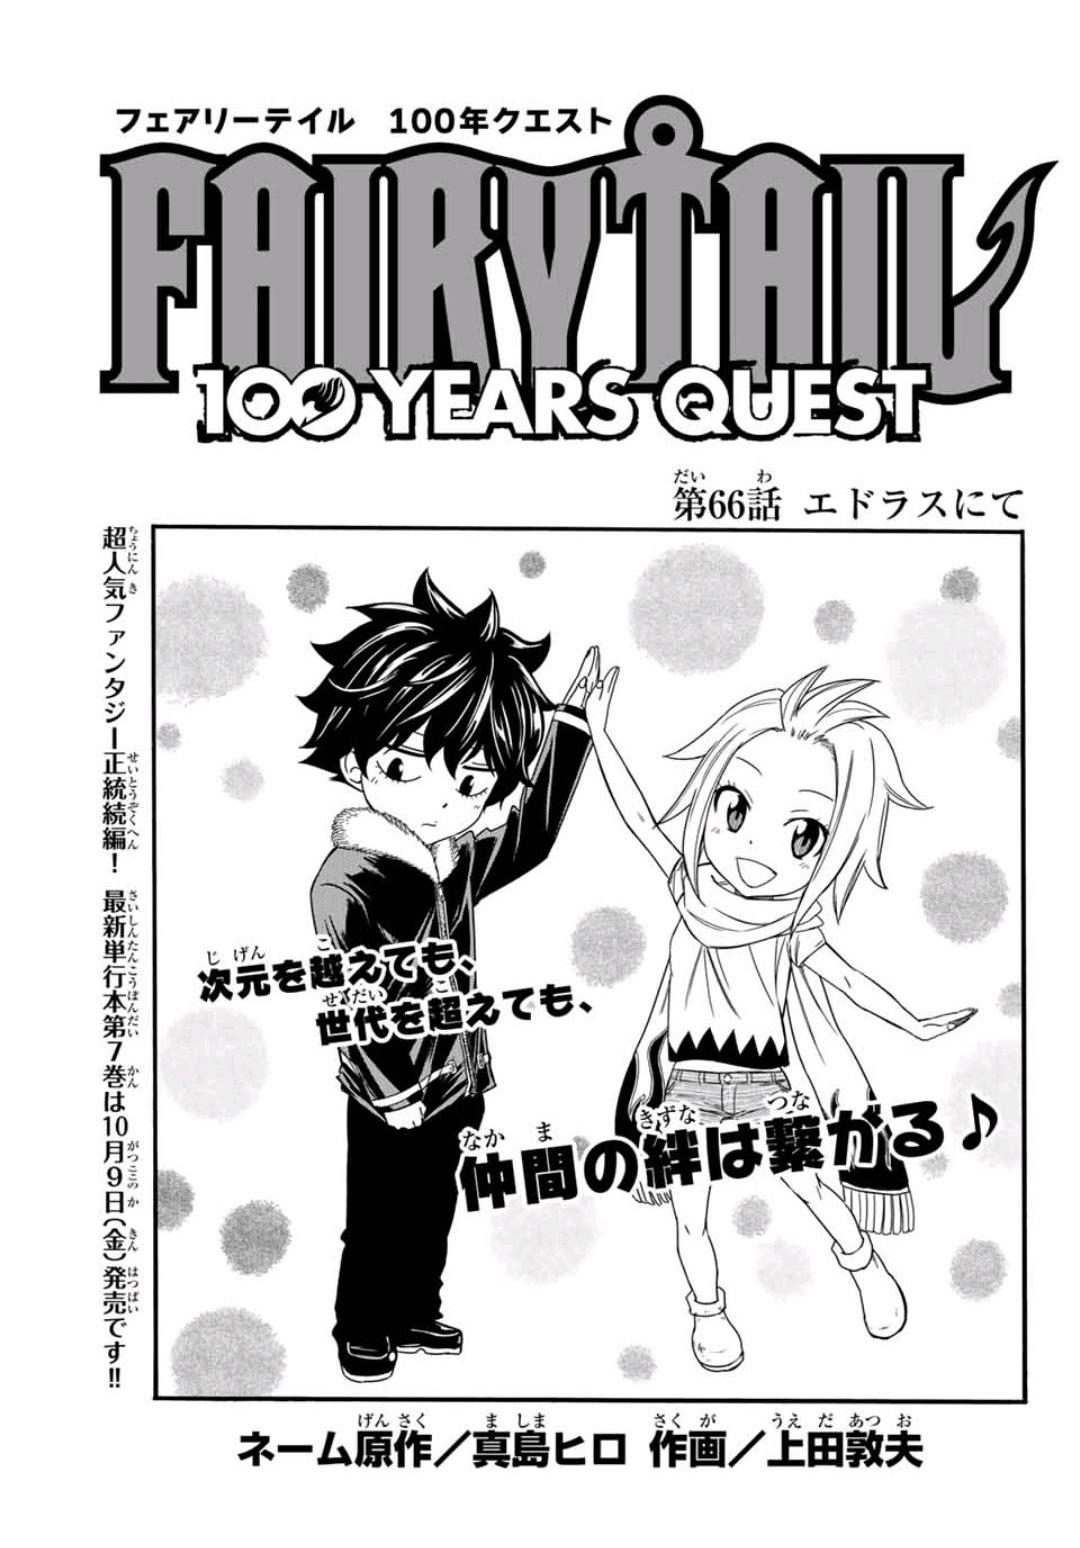 フェアリー テイル 100 年 クエスト アニメ